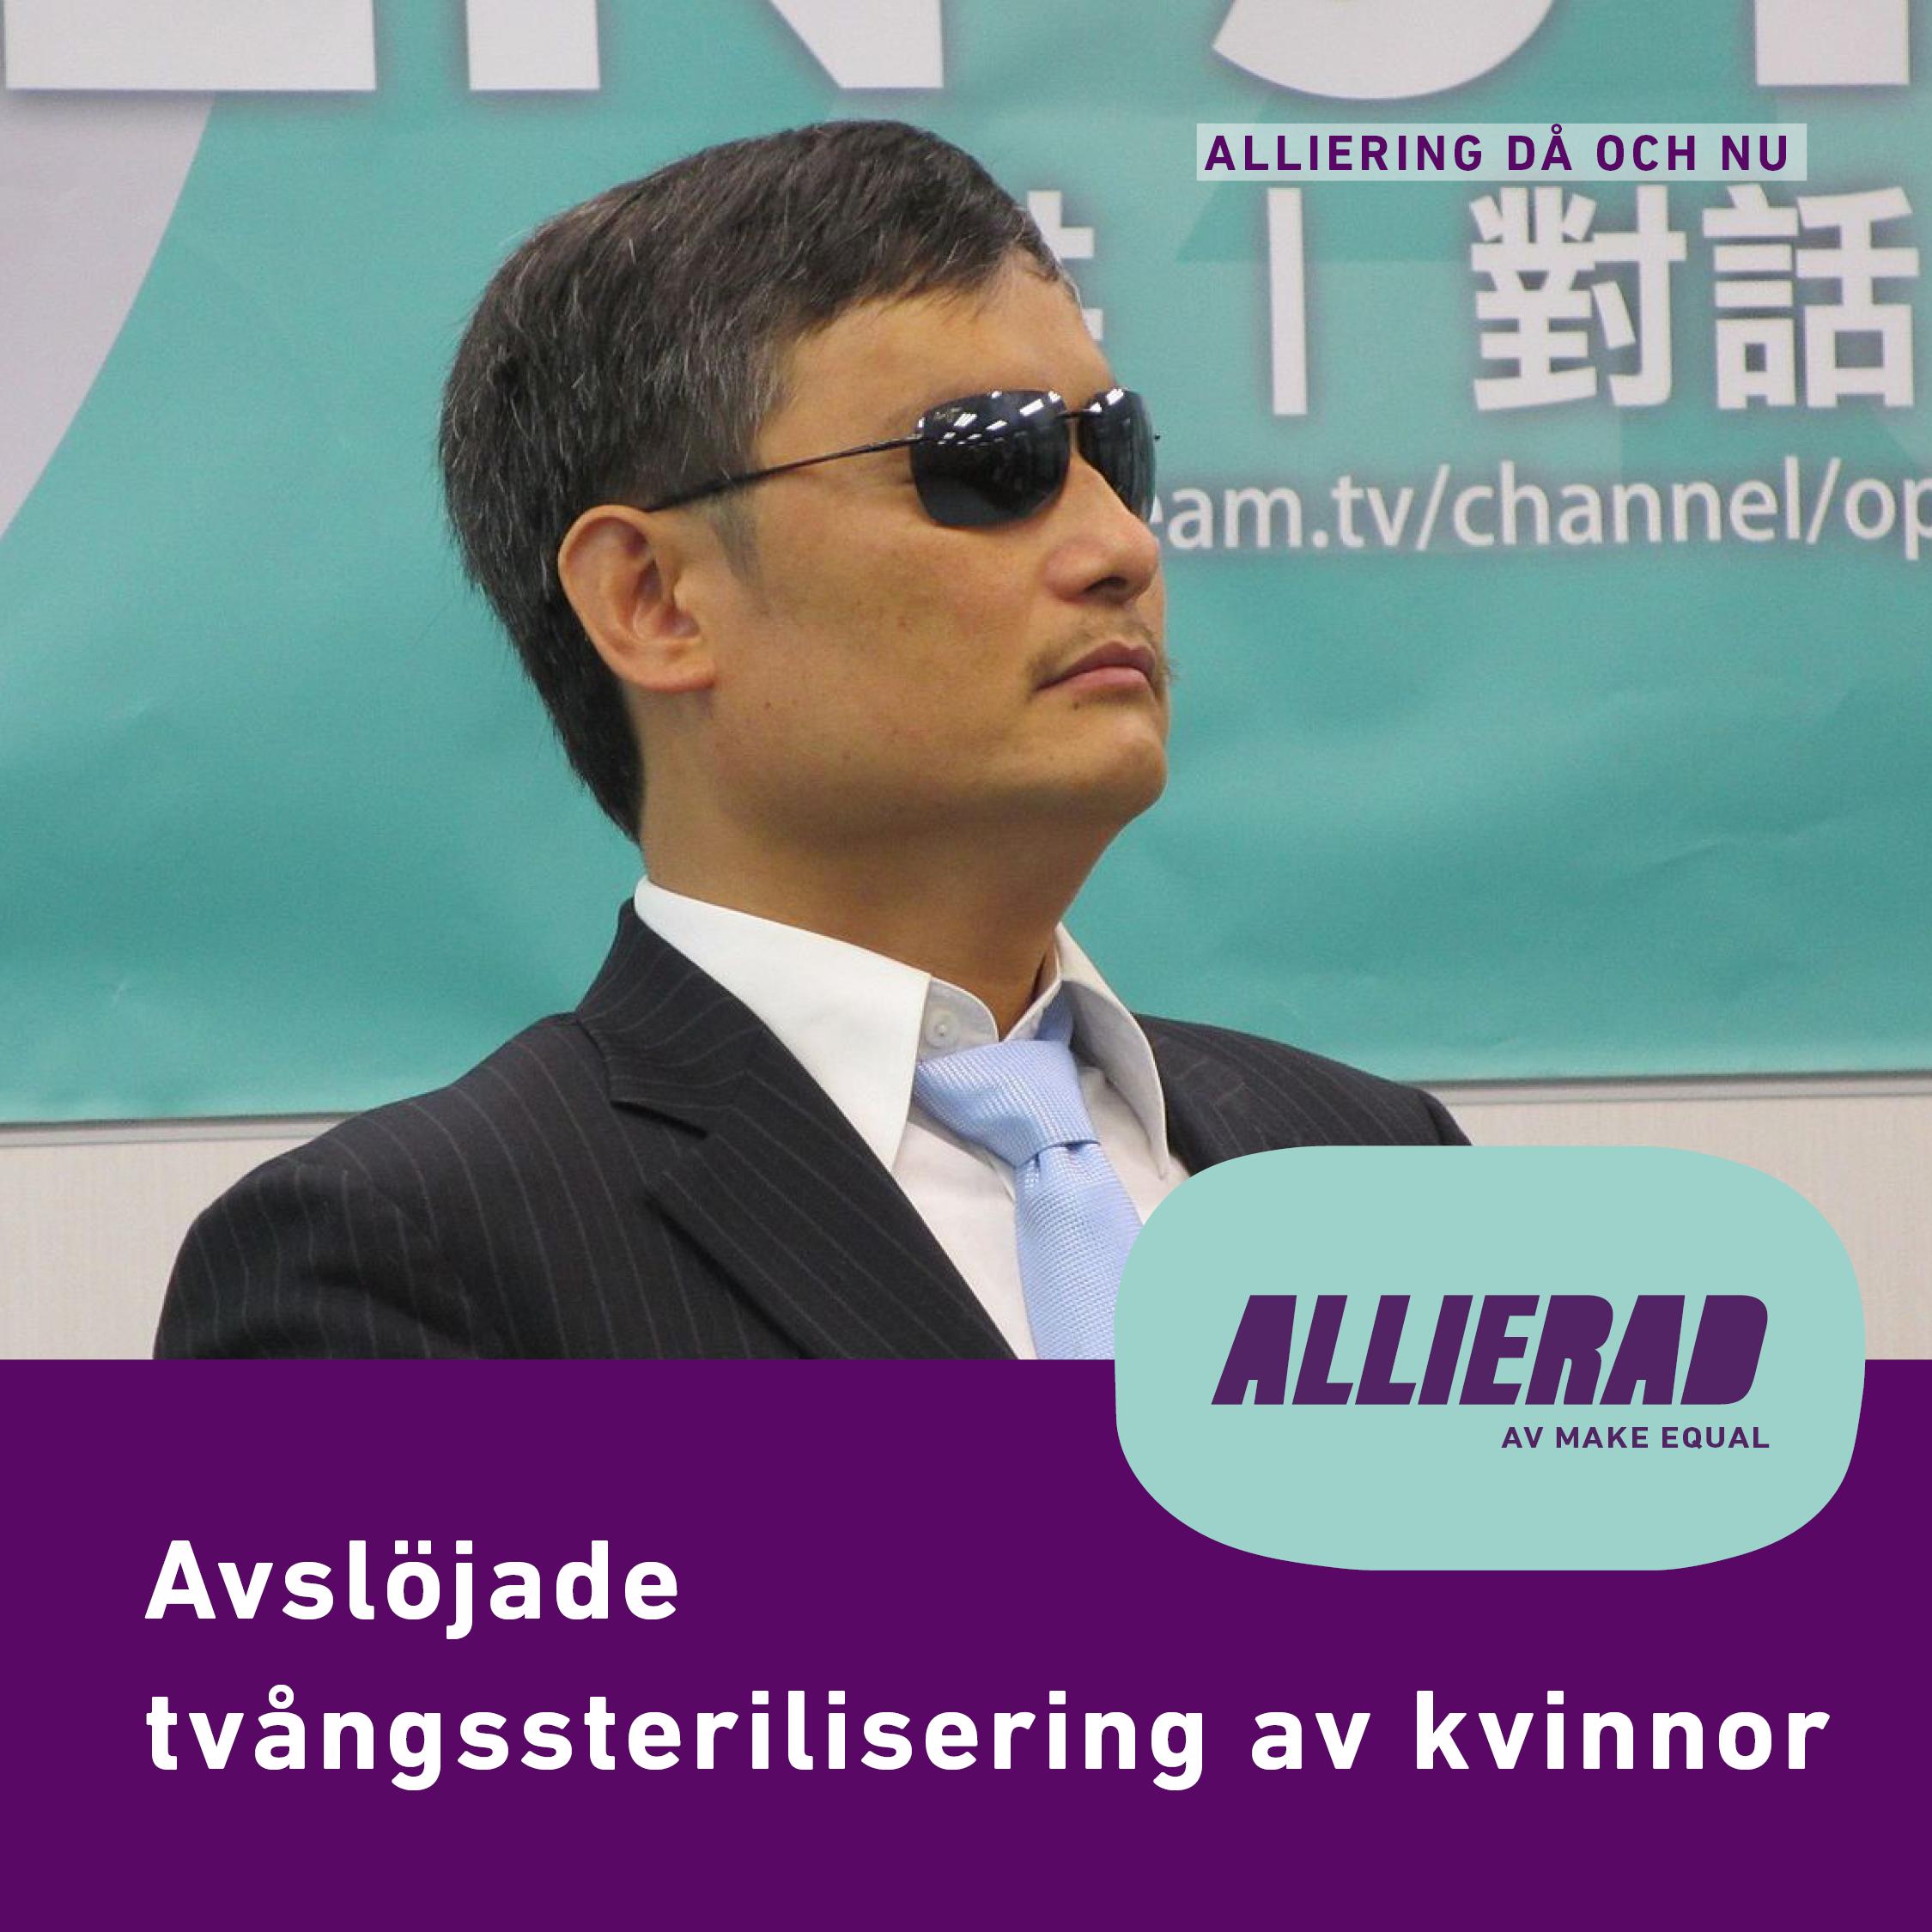 """ntolkning: En bild på Chen Guangcheng i kostym, slips och mörka solglasögon. Han sitter i någon form av tv-studio. Text """"Allierad då och nu"""", """"Avslöjade tvångssterilisering av kvinnor"""" samt Allierads logga."""